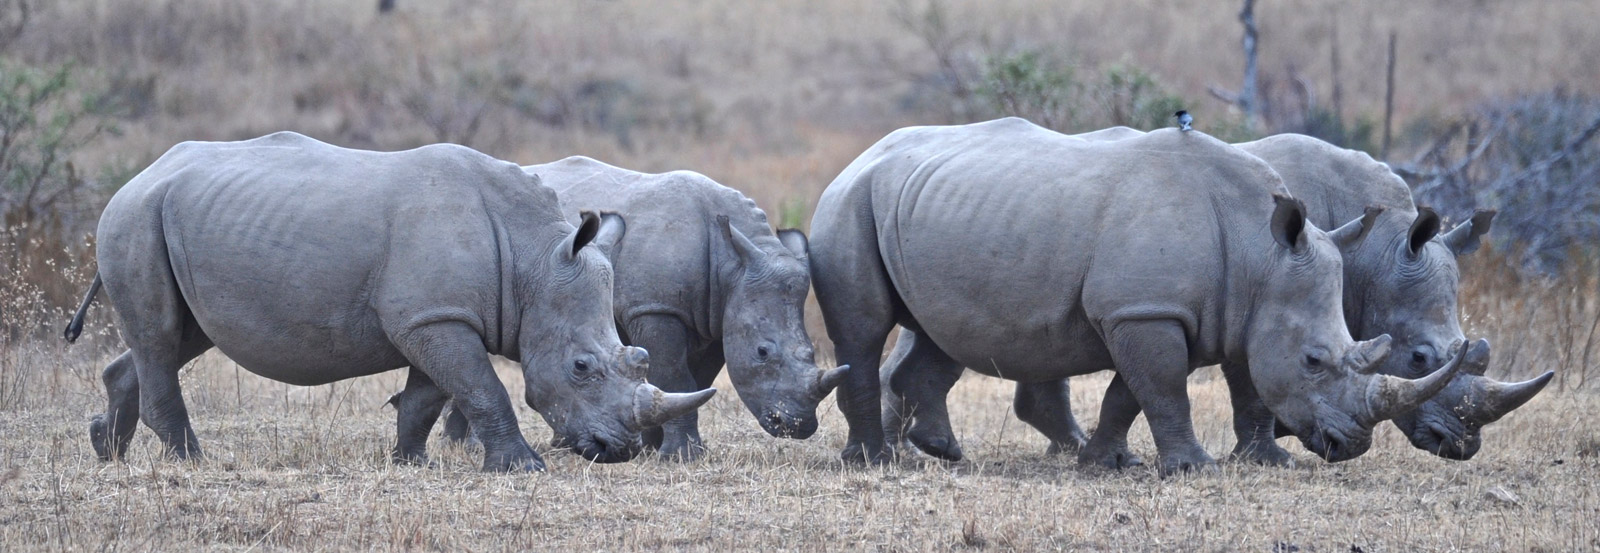 rhino-grouping-2-dex-kotze